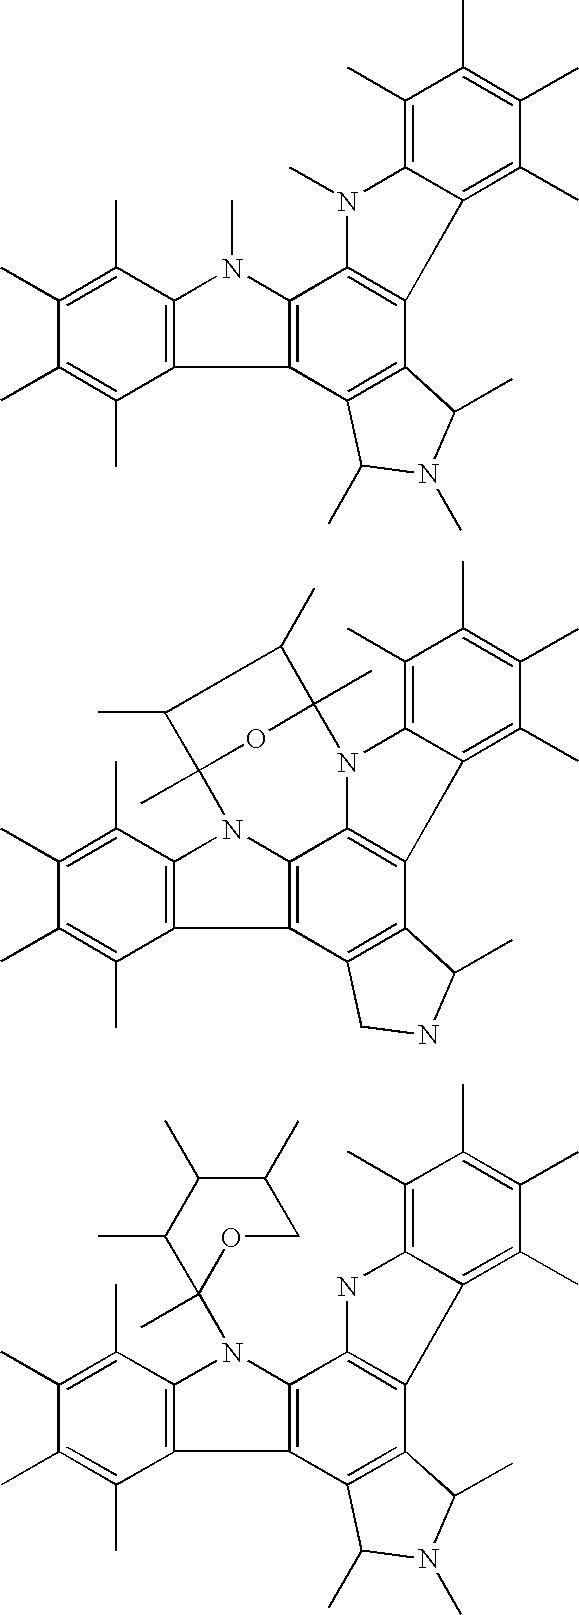 Figure US20060247610A1-20061102-C00002